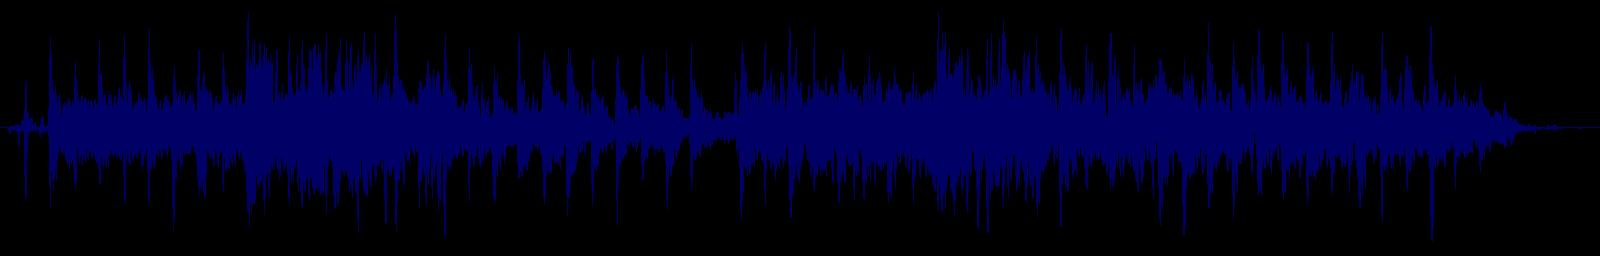 waveform of track #151225